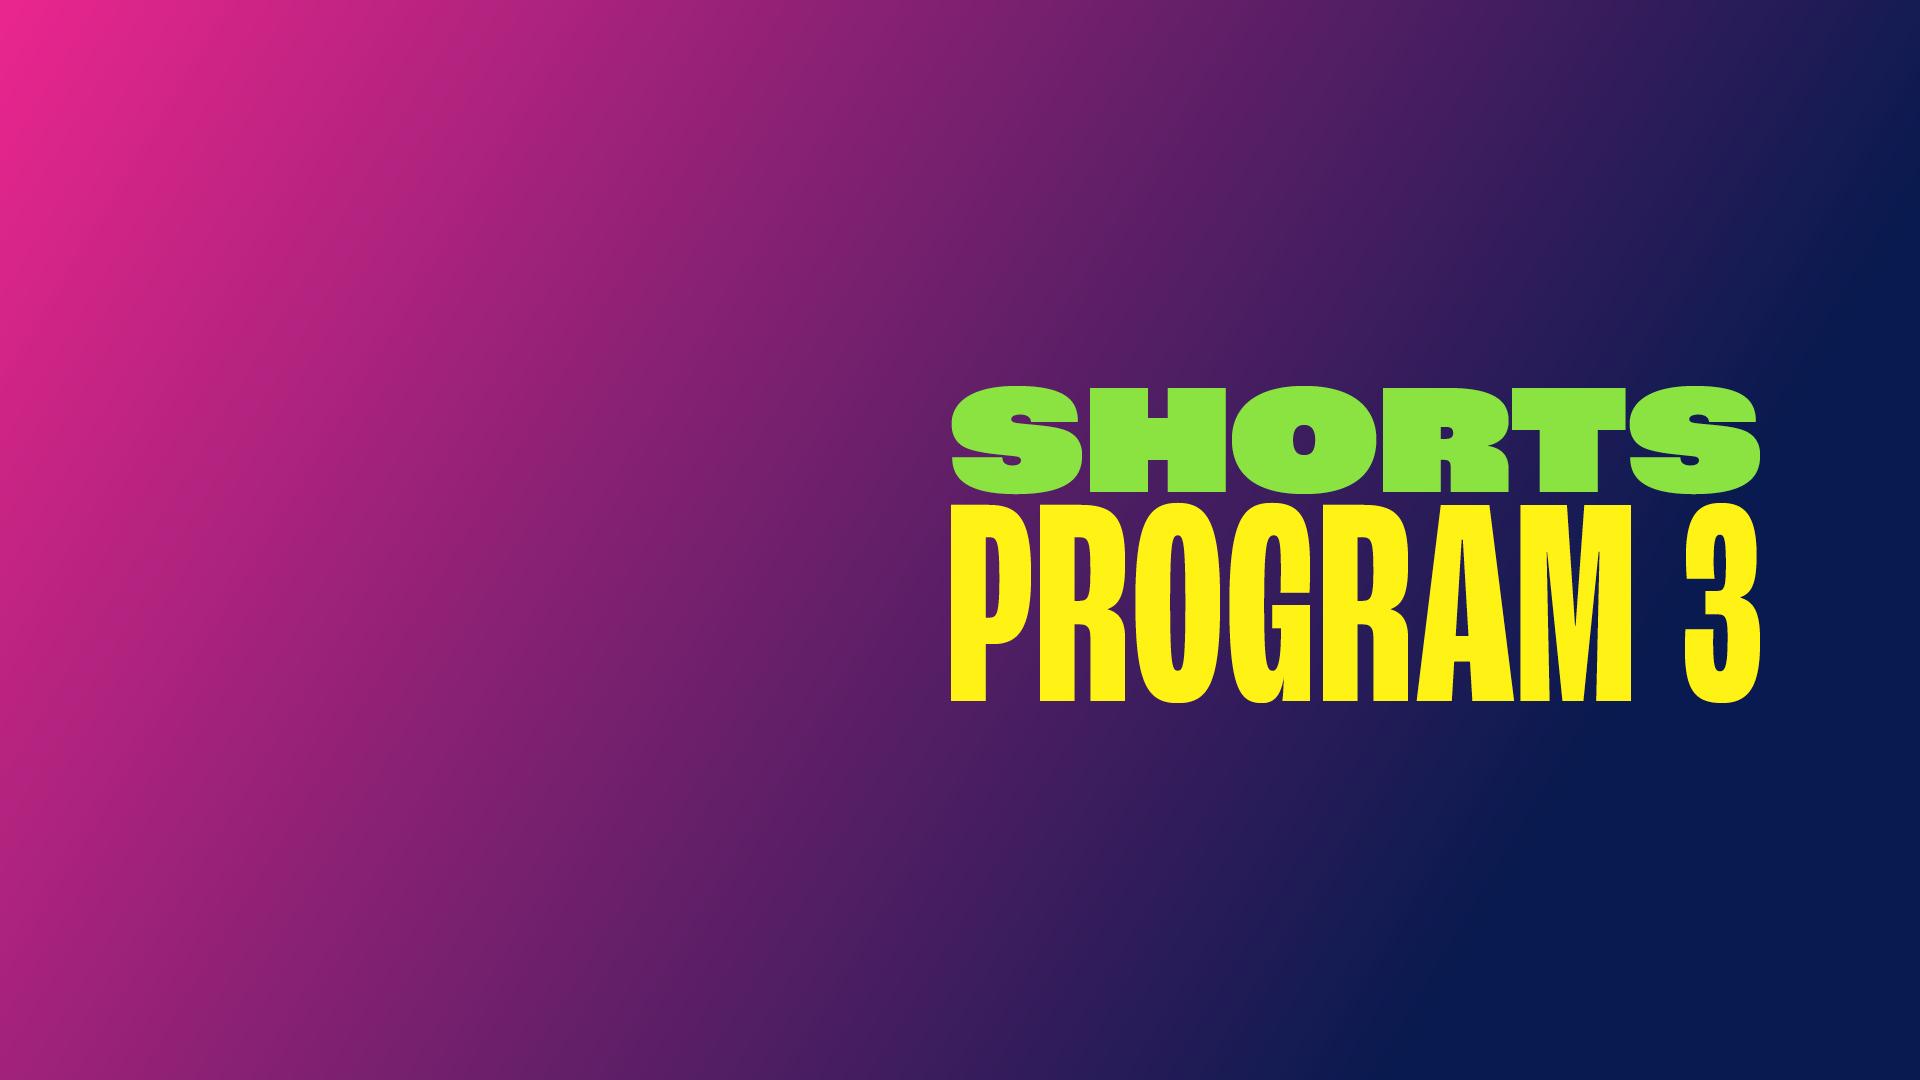 SHORTS PROGRAM 3